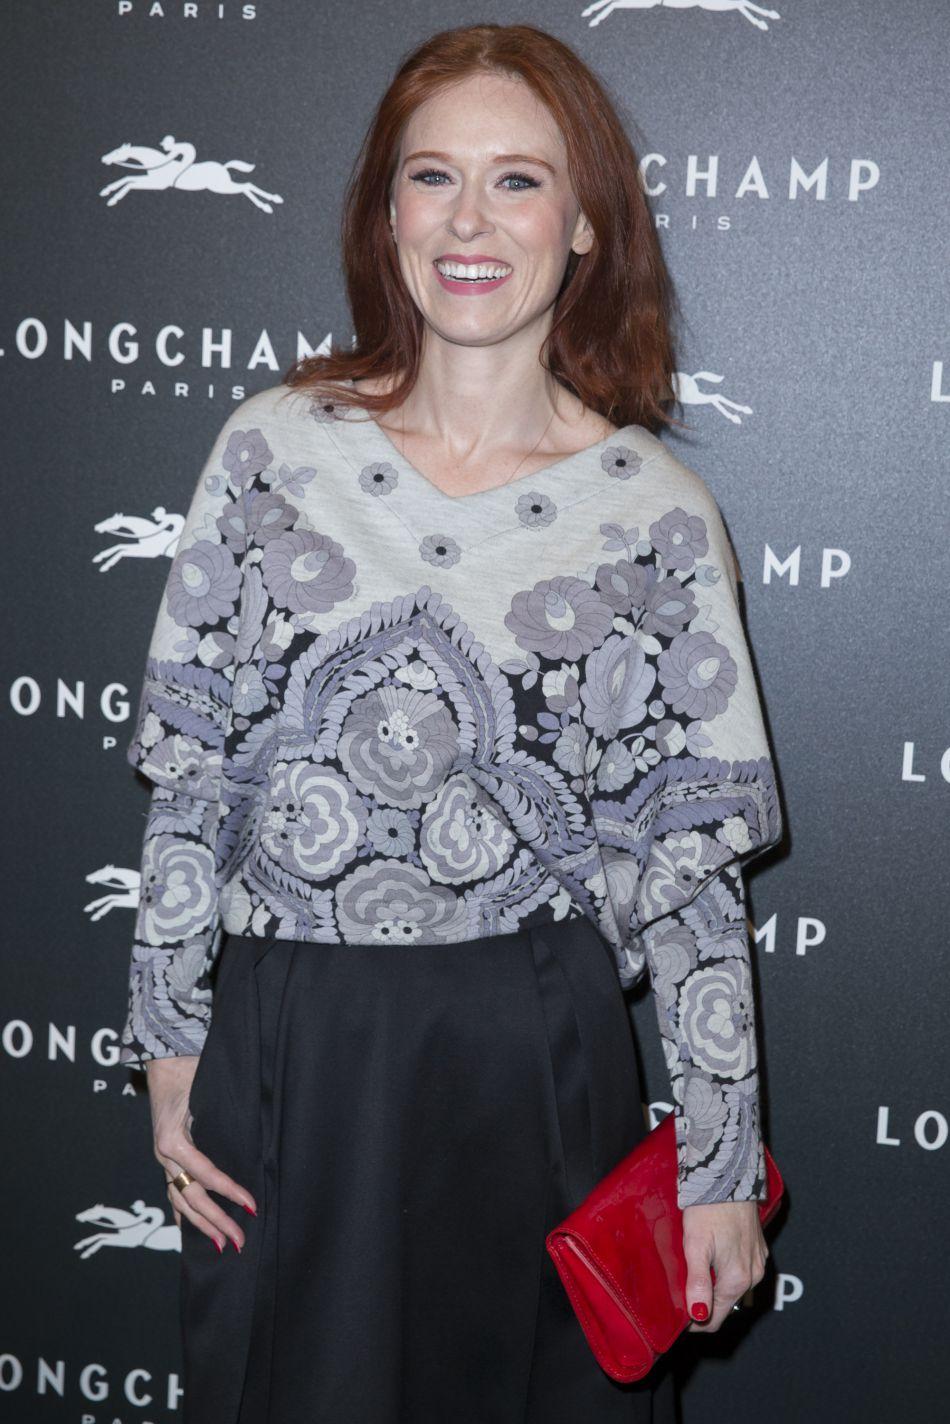 Audrey Fleurot était à l'ouverture de la boutique Longchamps. Pull à gros motifs noirs et blancs, jupe noire et la touche de couleur assortie à sa chevelure flamboyante : une pochette rouge.